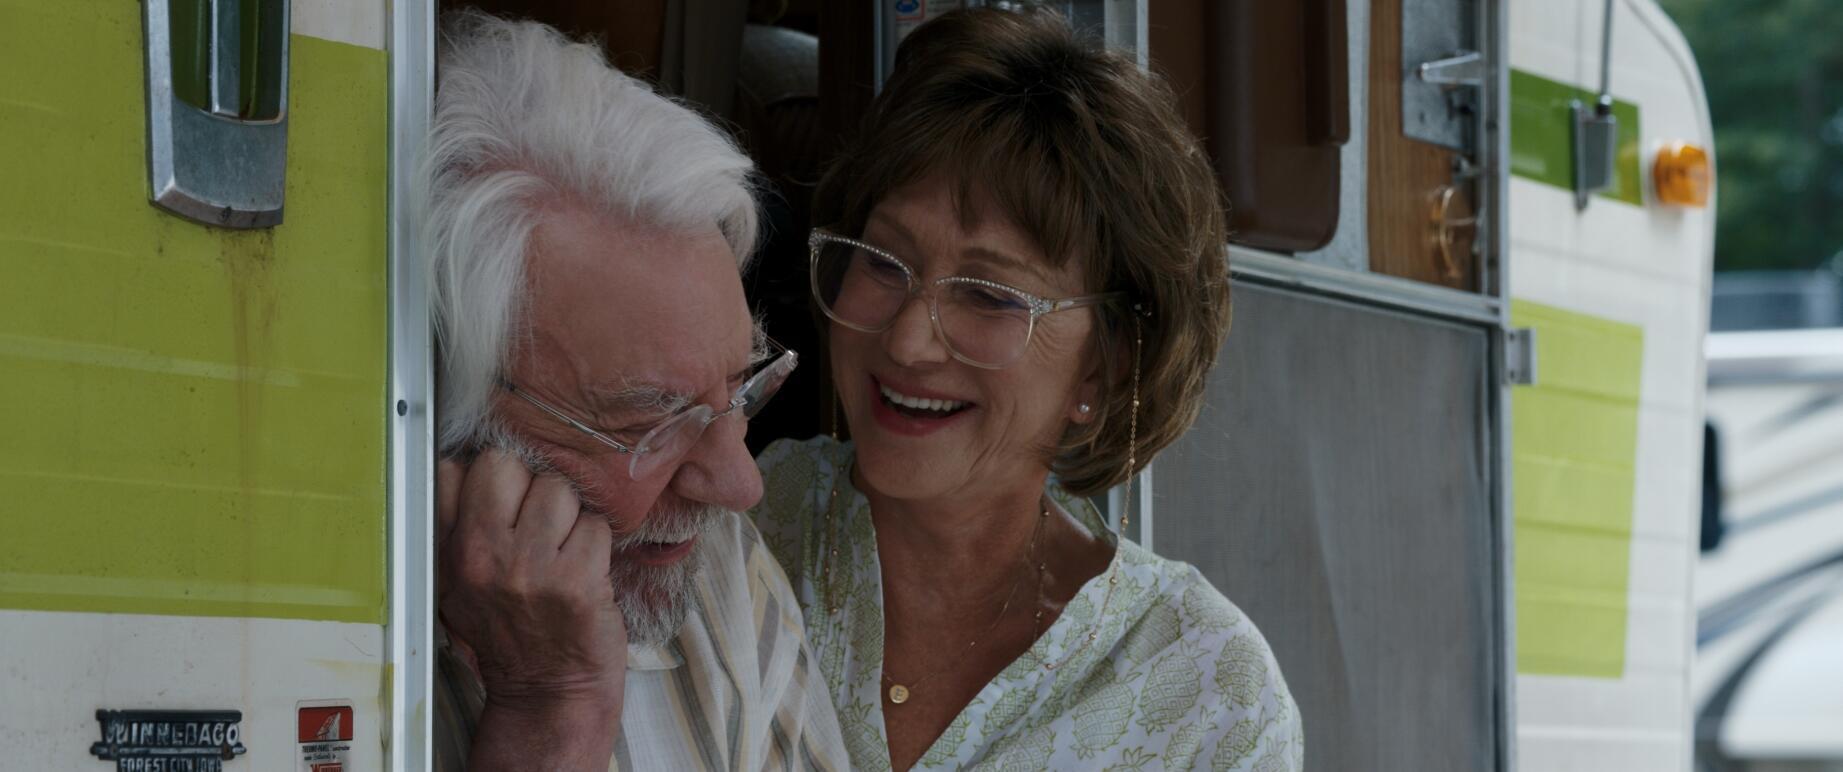 Кадр из фильма Паоло Вирдзи «В поисках праздника»